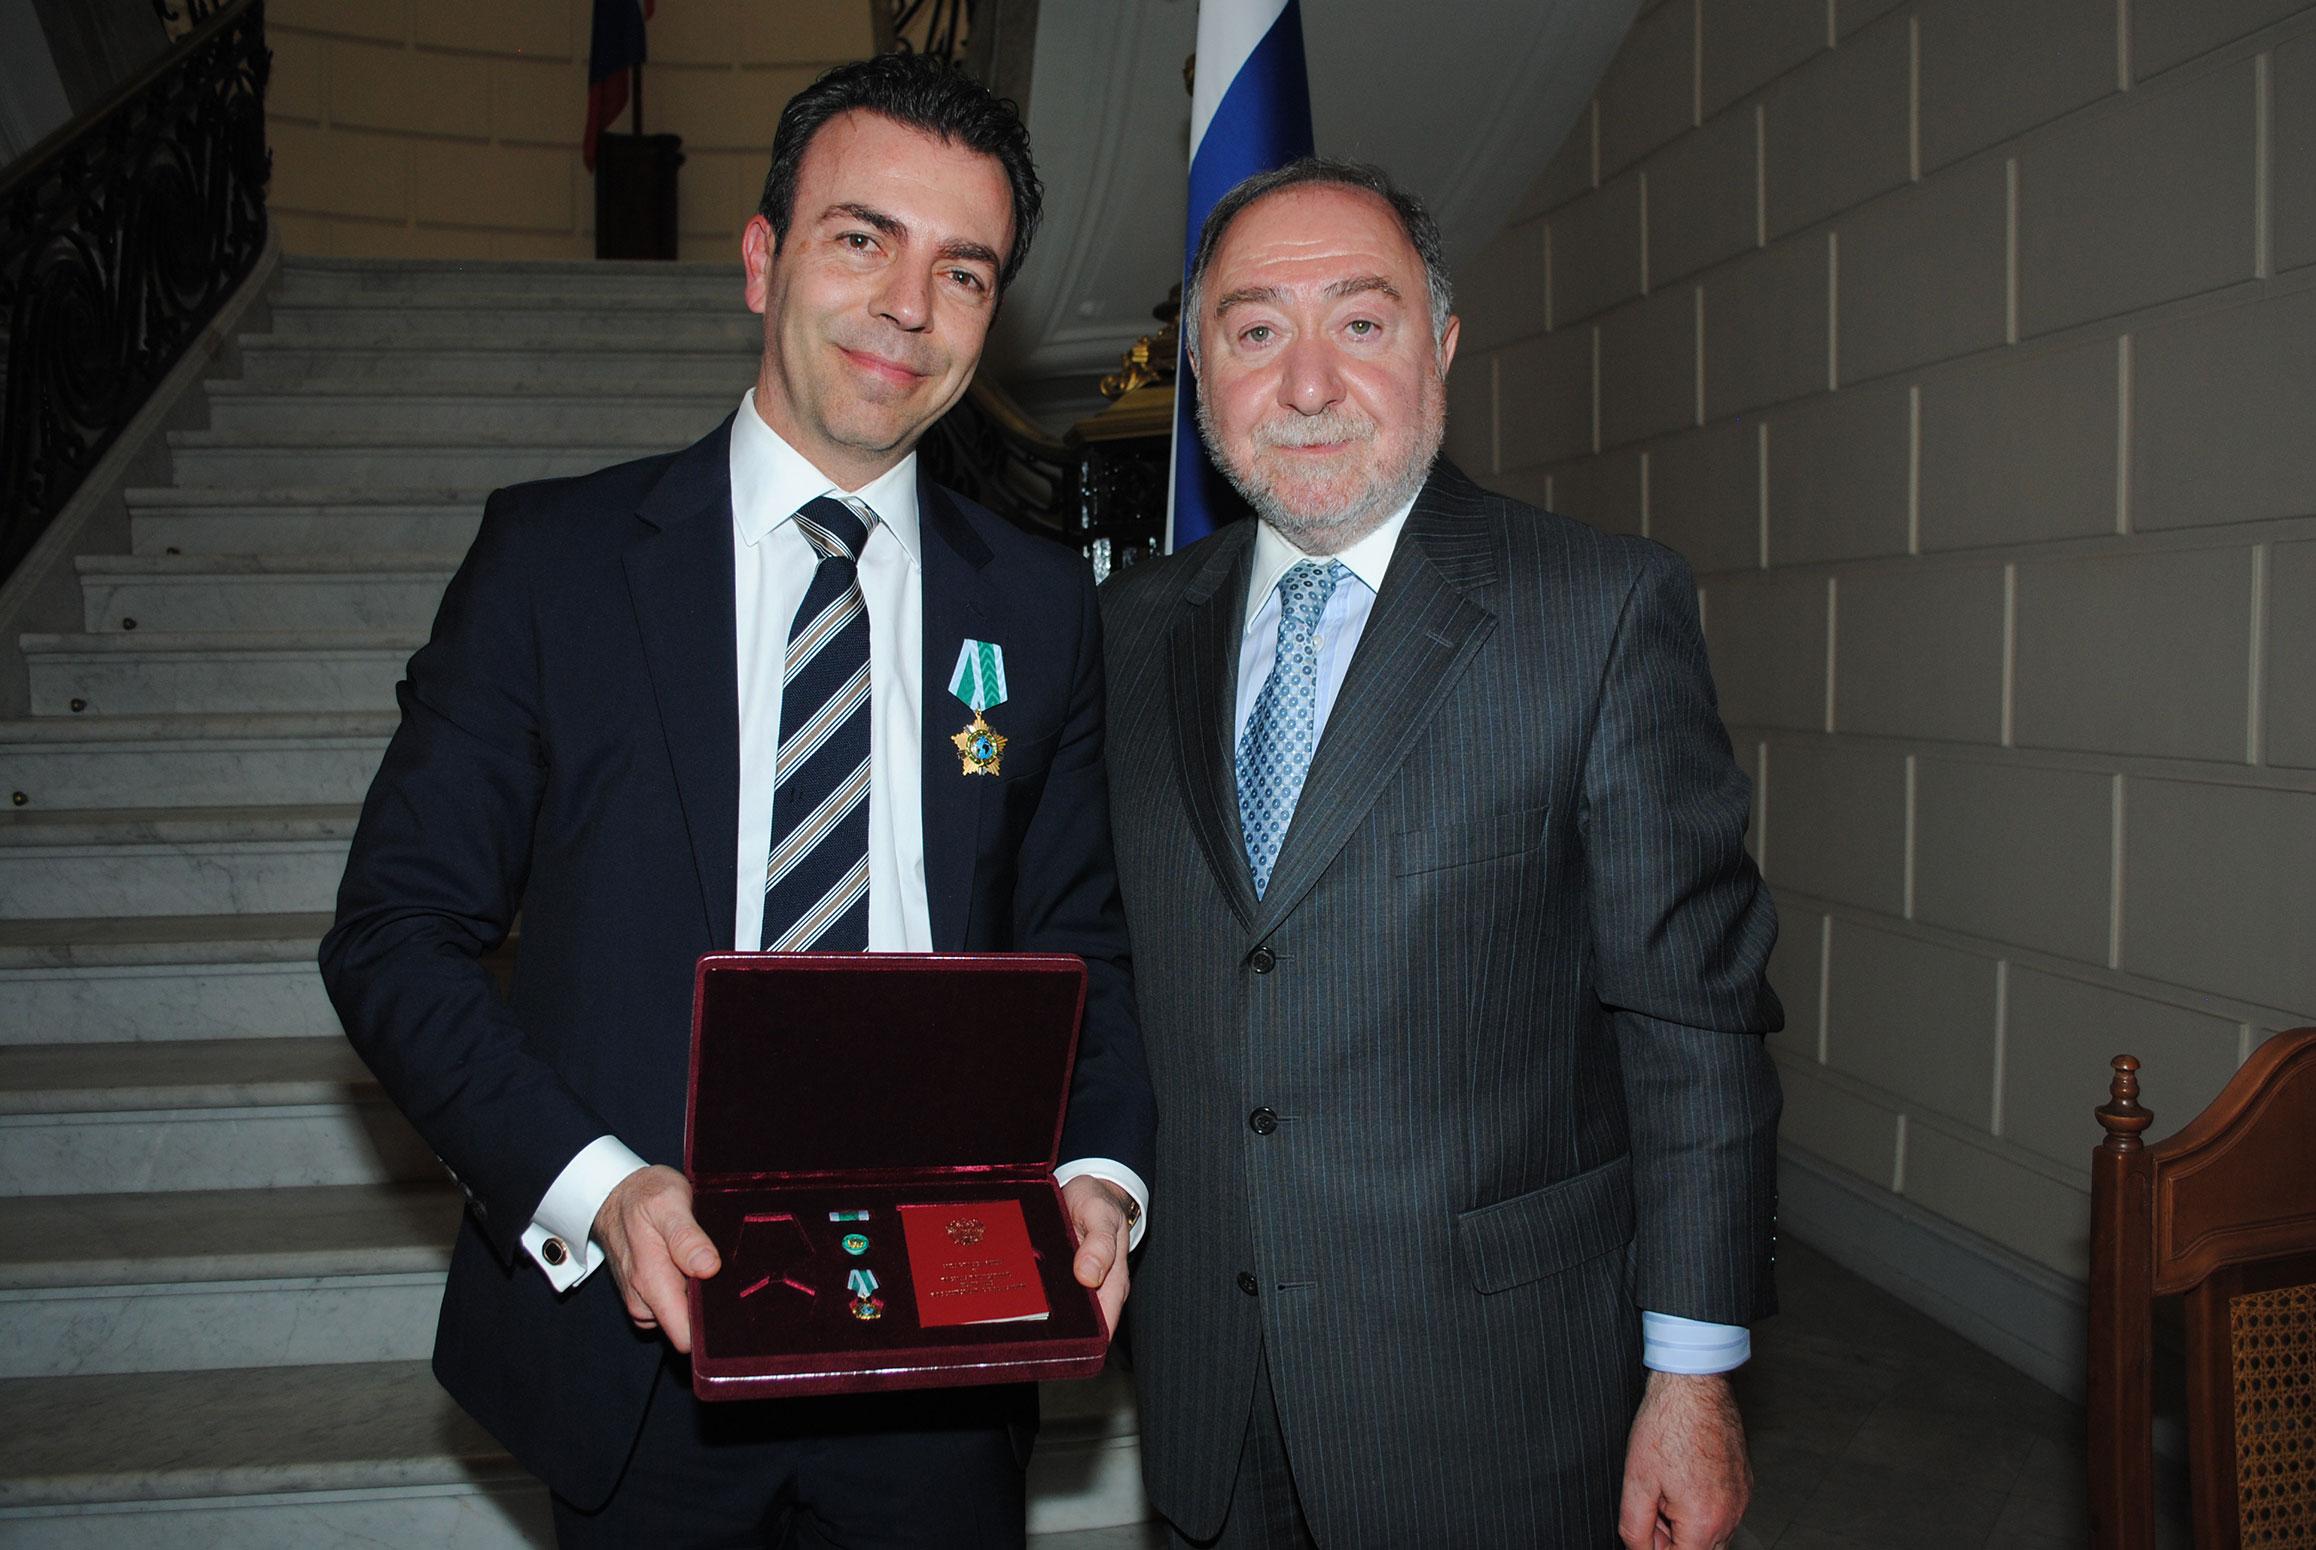 Alejandro Ramírez Magaña recibió la Orden de la Amistad, de parte de Eduard Malayan, embajador de la Federación de Rusia